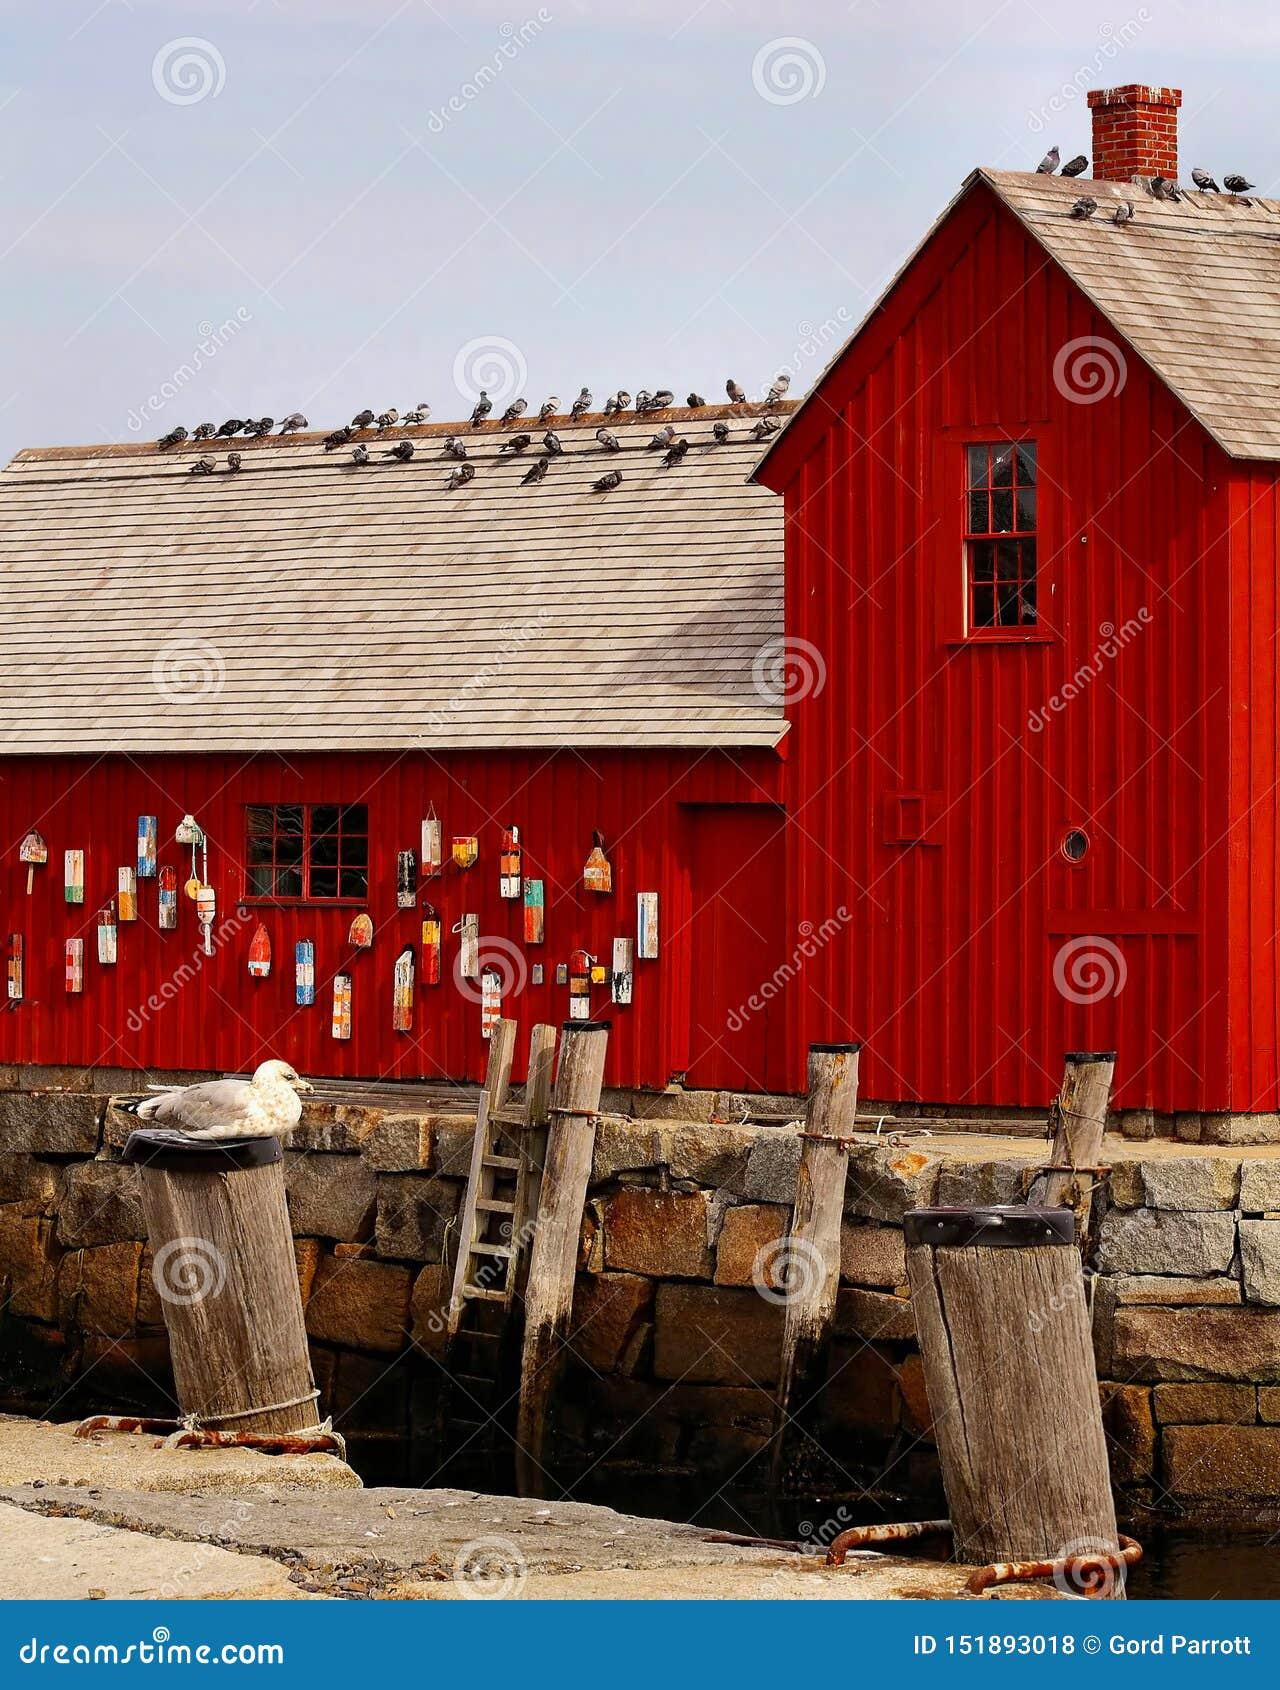 Rode Visserijkeet in de haven